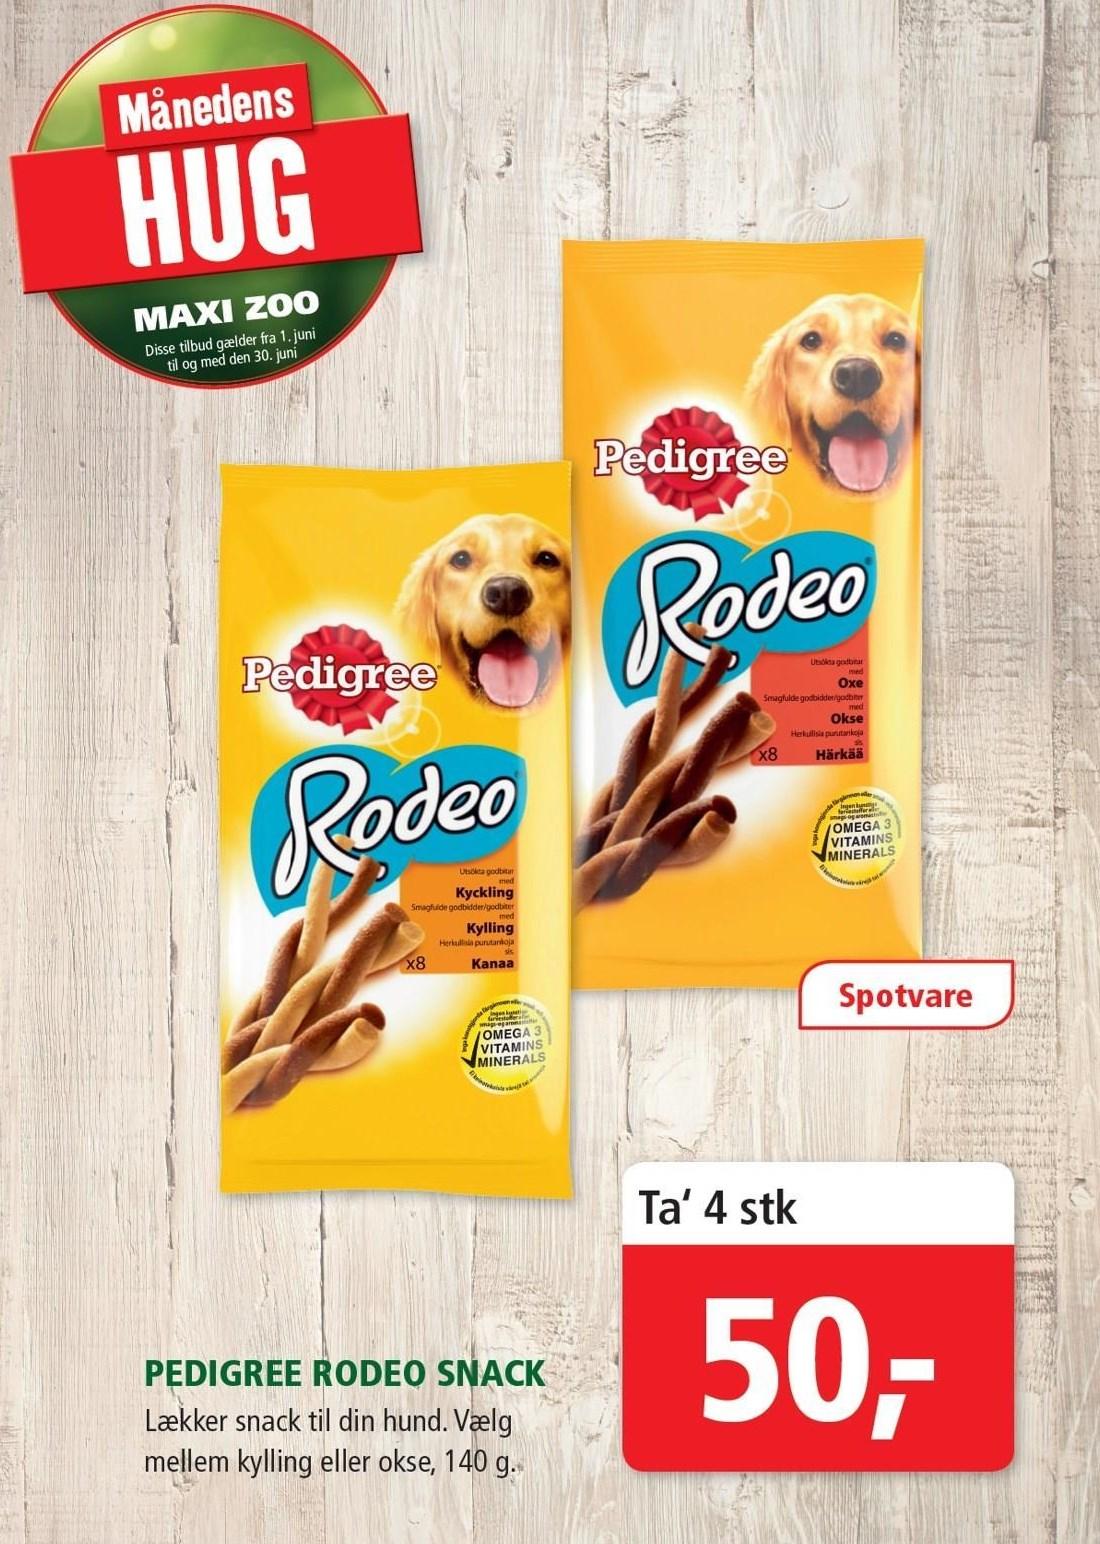 Predigree Rodeo snack 4 stk.